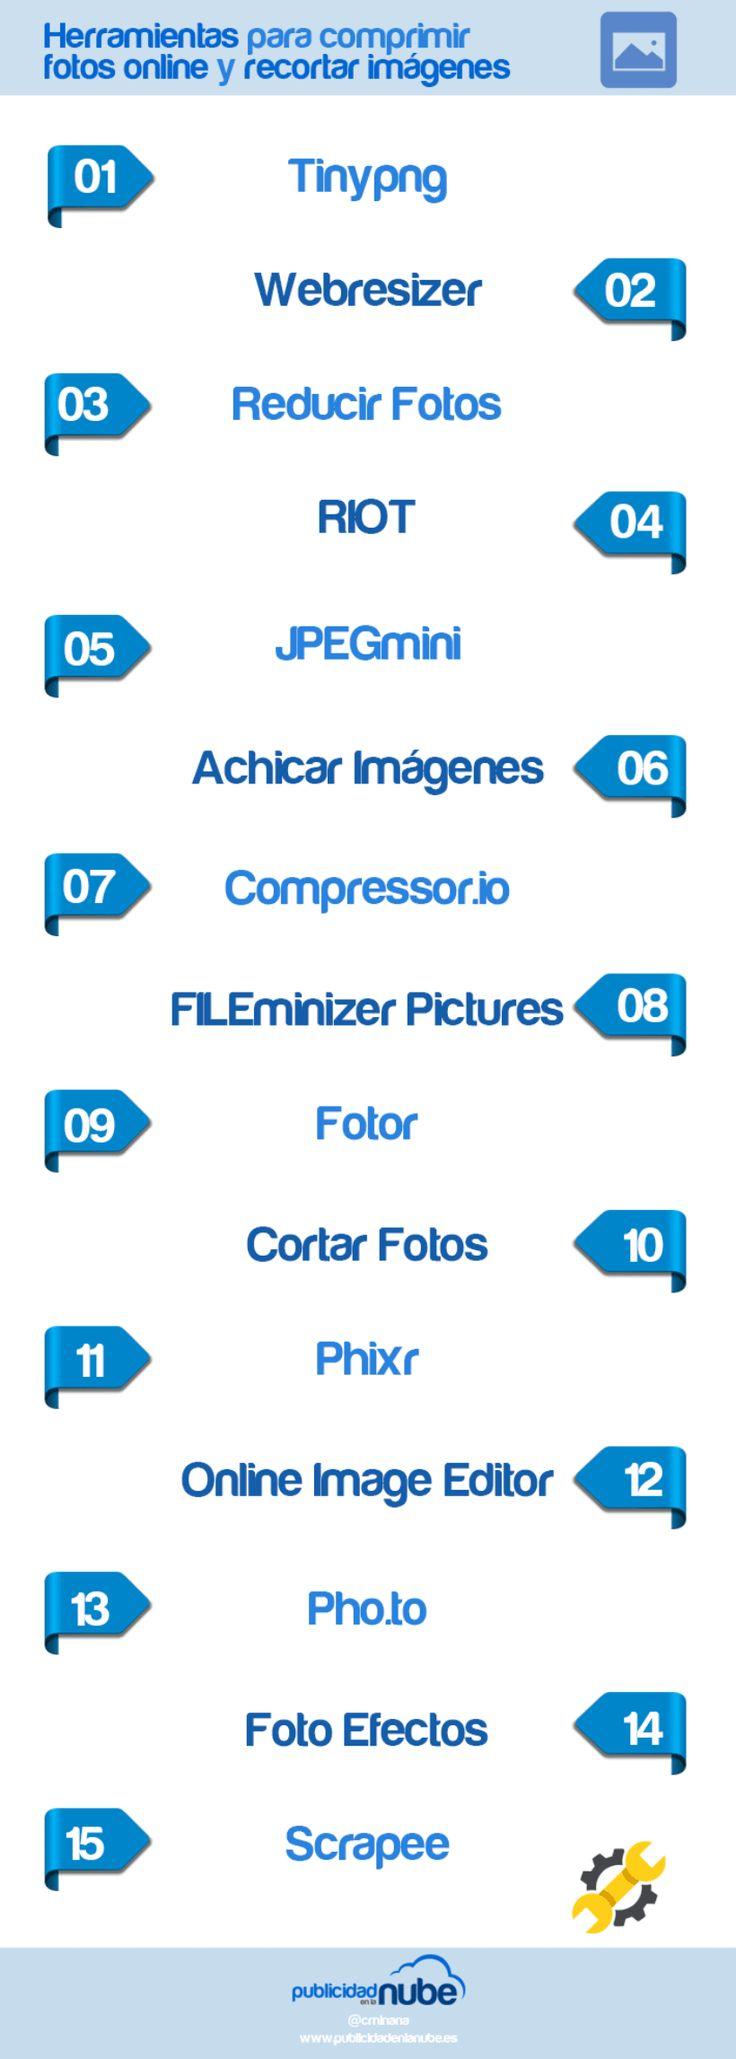 Herramientas para comprimir fotos online y recortar imágenes. #SocialMedia #posicionamiento #infografía